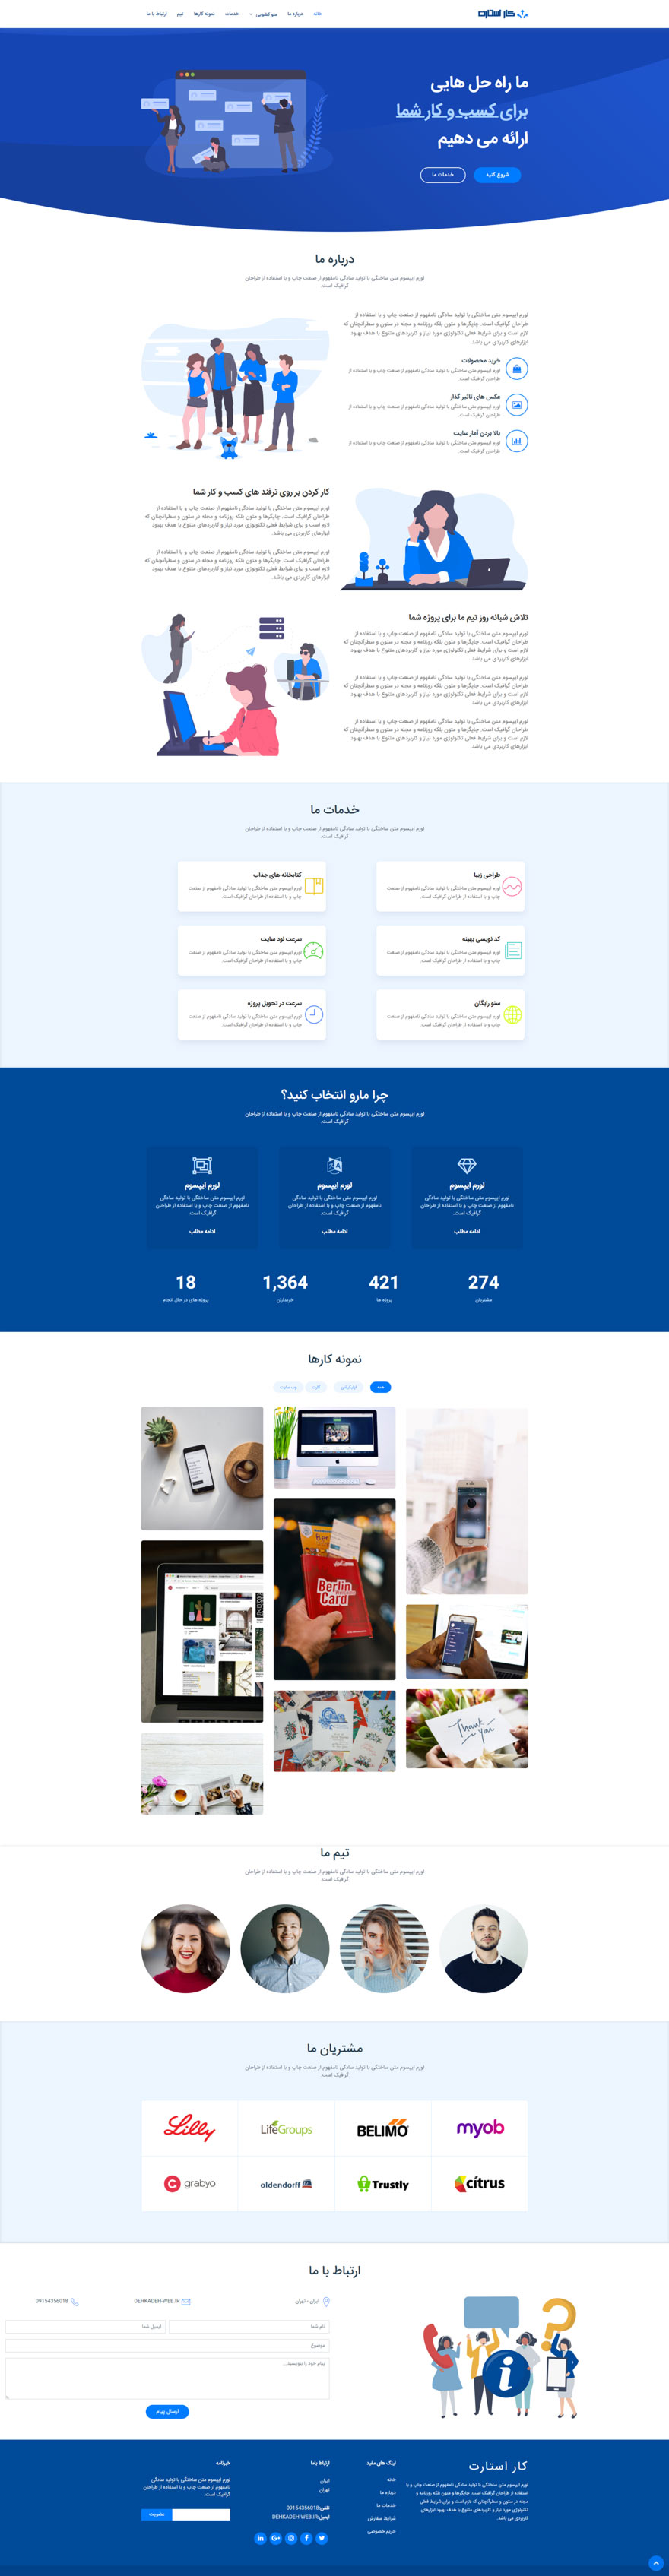 نکات طراحی سایت تجارت الکترونیک